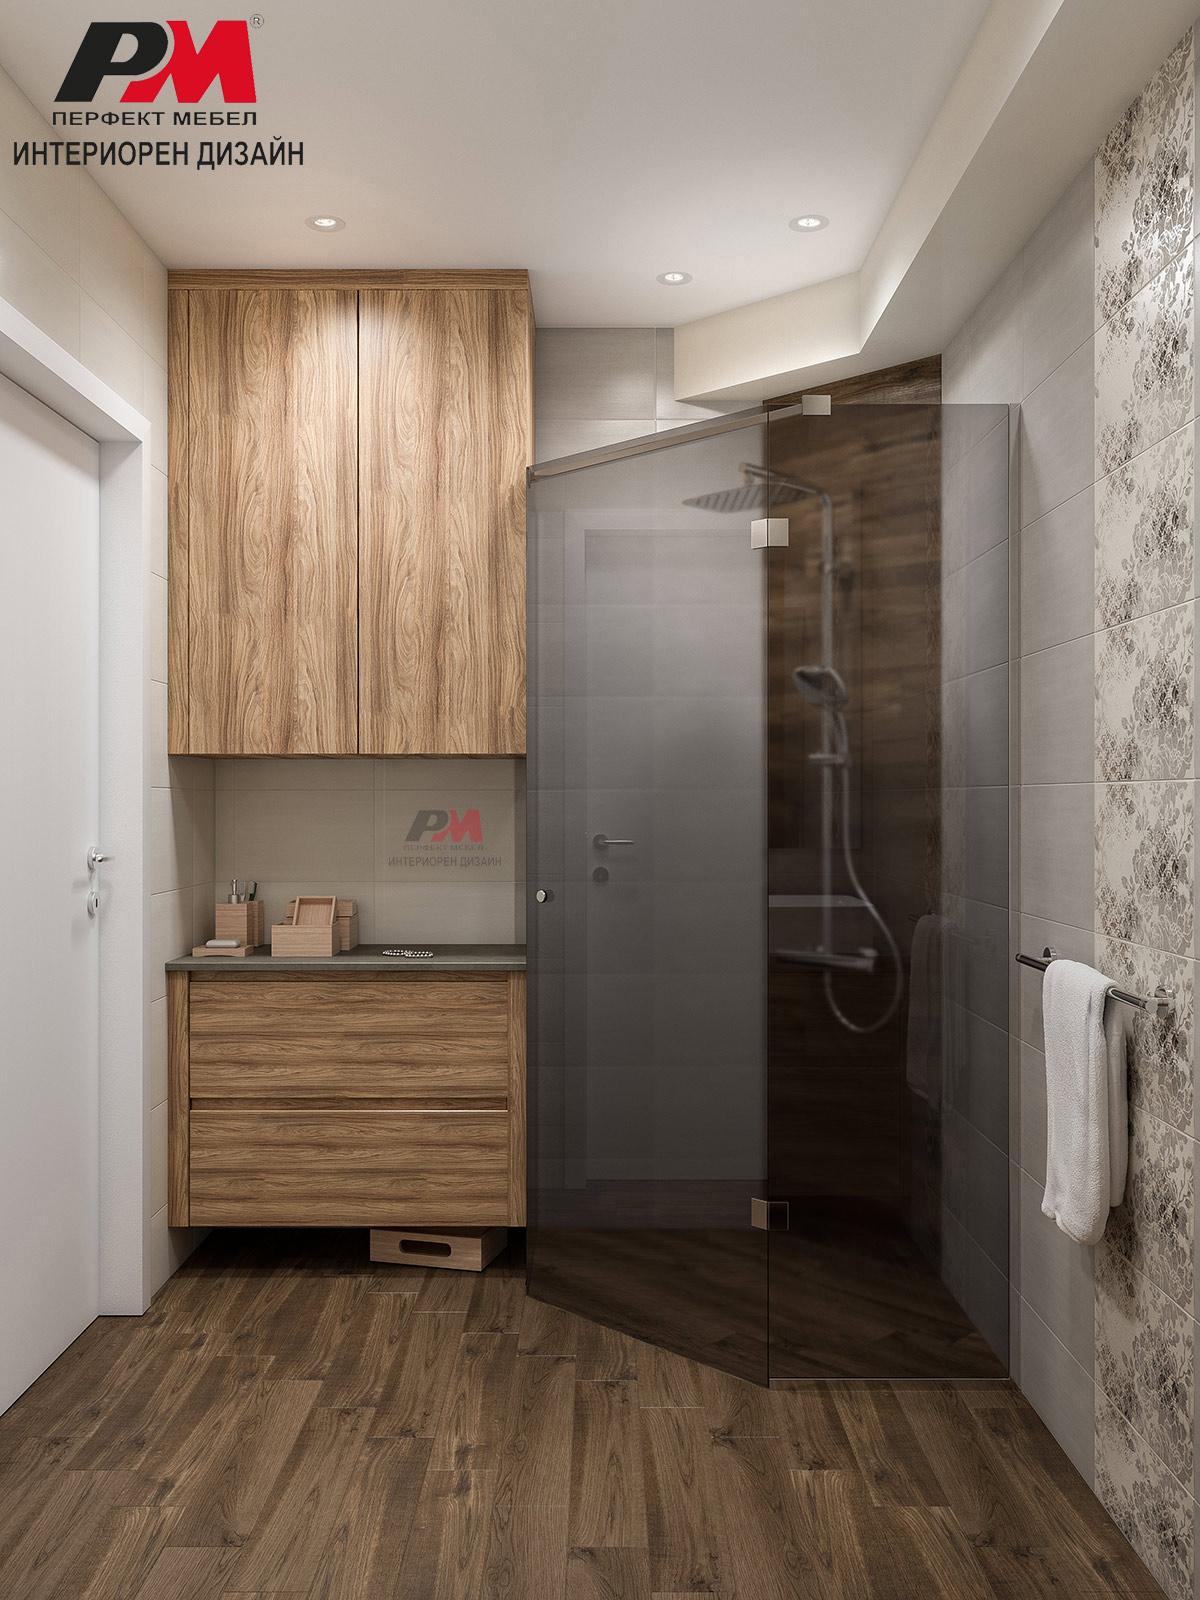 Стилен интериорен дизайн на баня с акцентен дървесен декор.